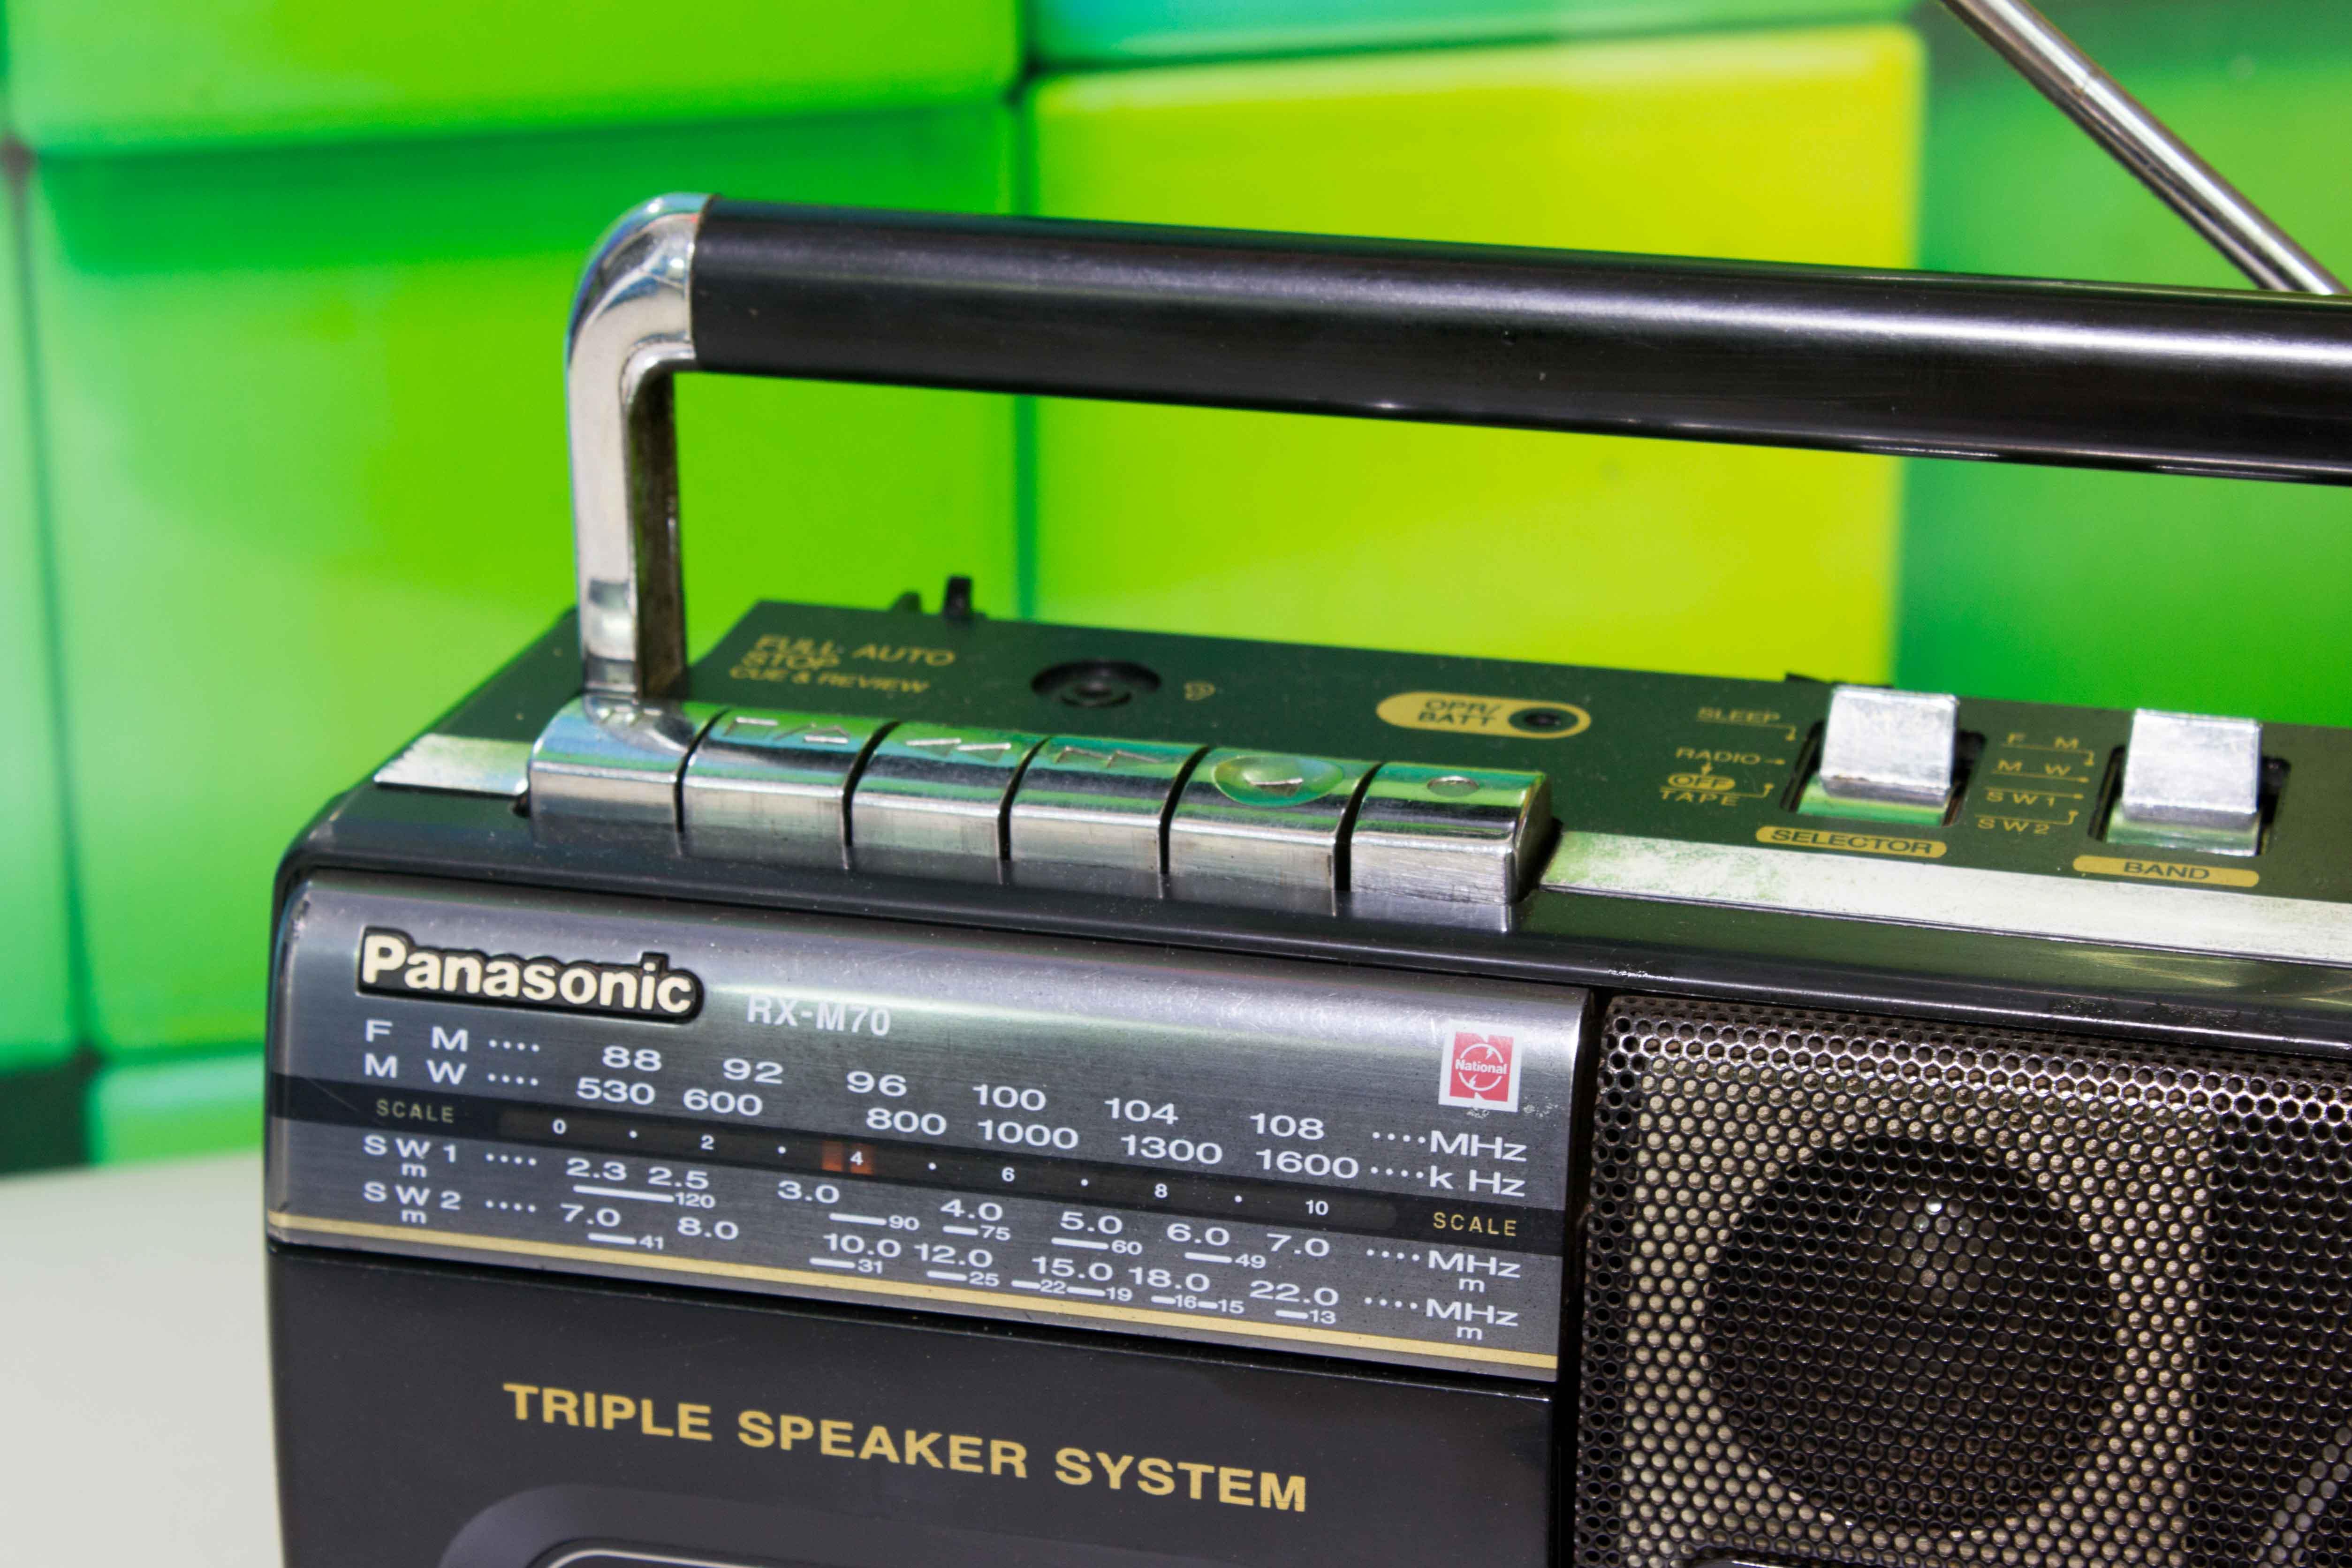 ĐÀI CASSETTE CỔ PANASONIC RX-M70